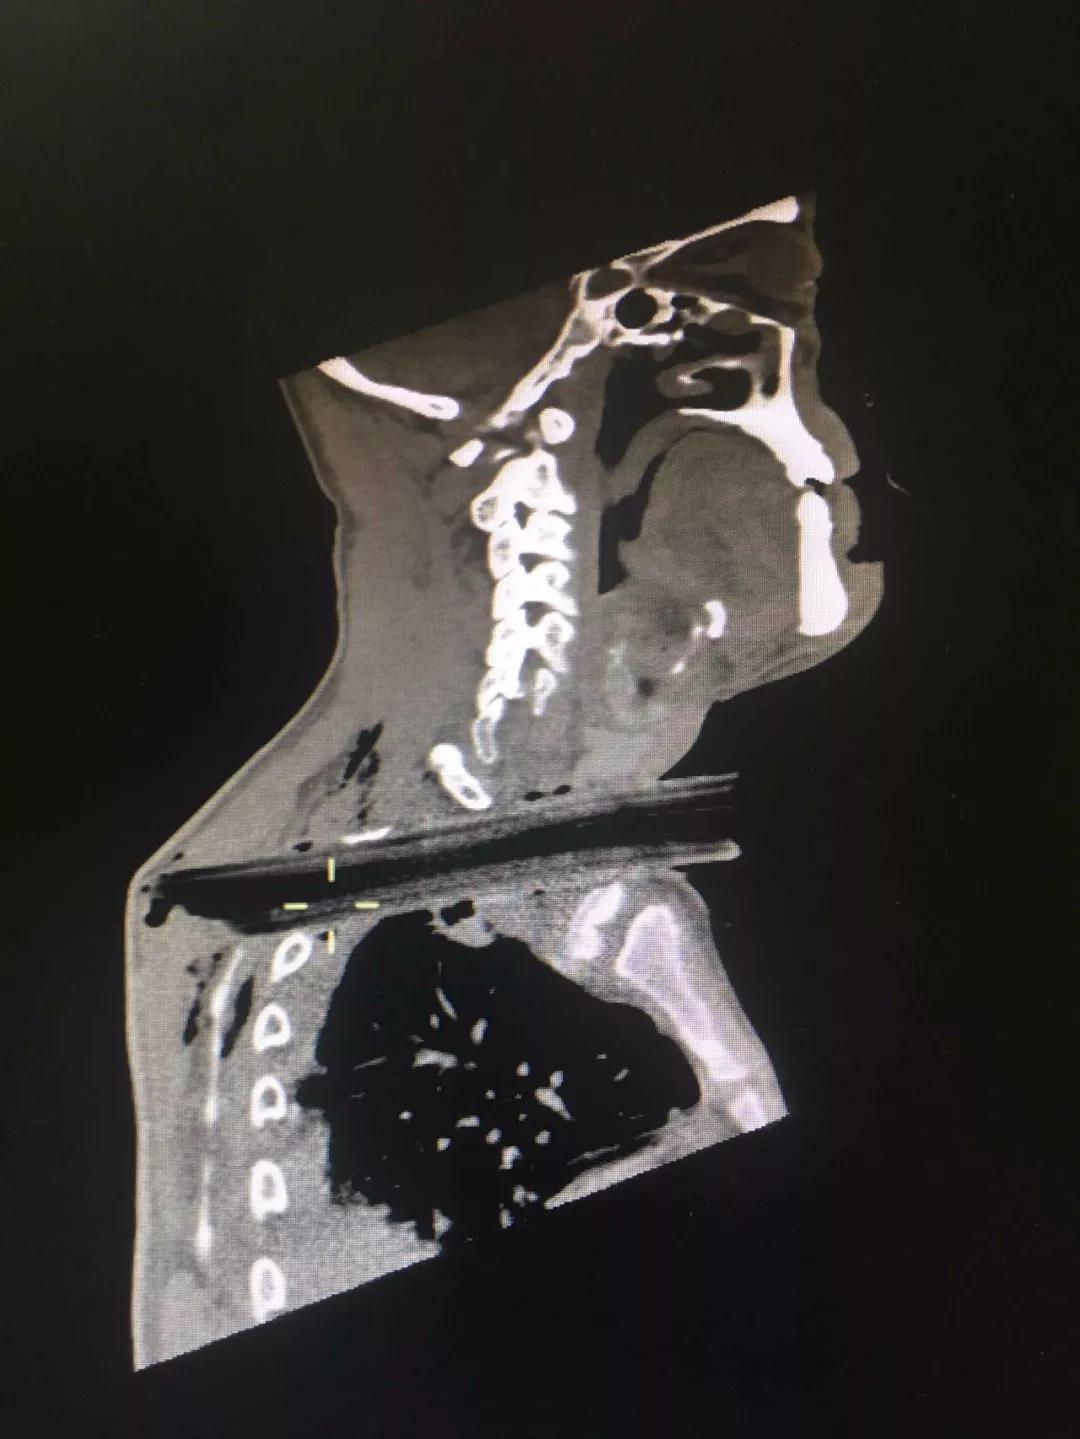 兖州一男子被20厘米长的树枝横穿颈部 经10小时手术成功脱险